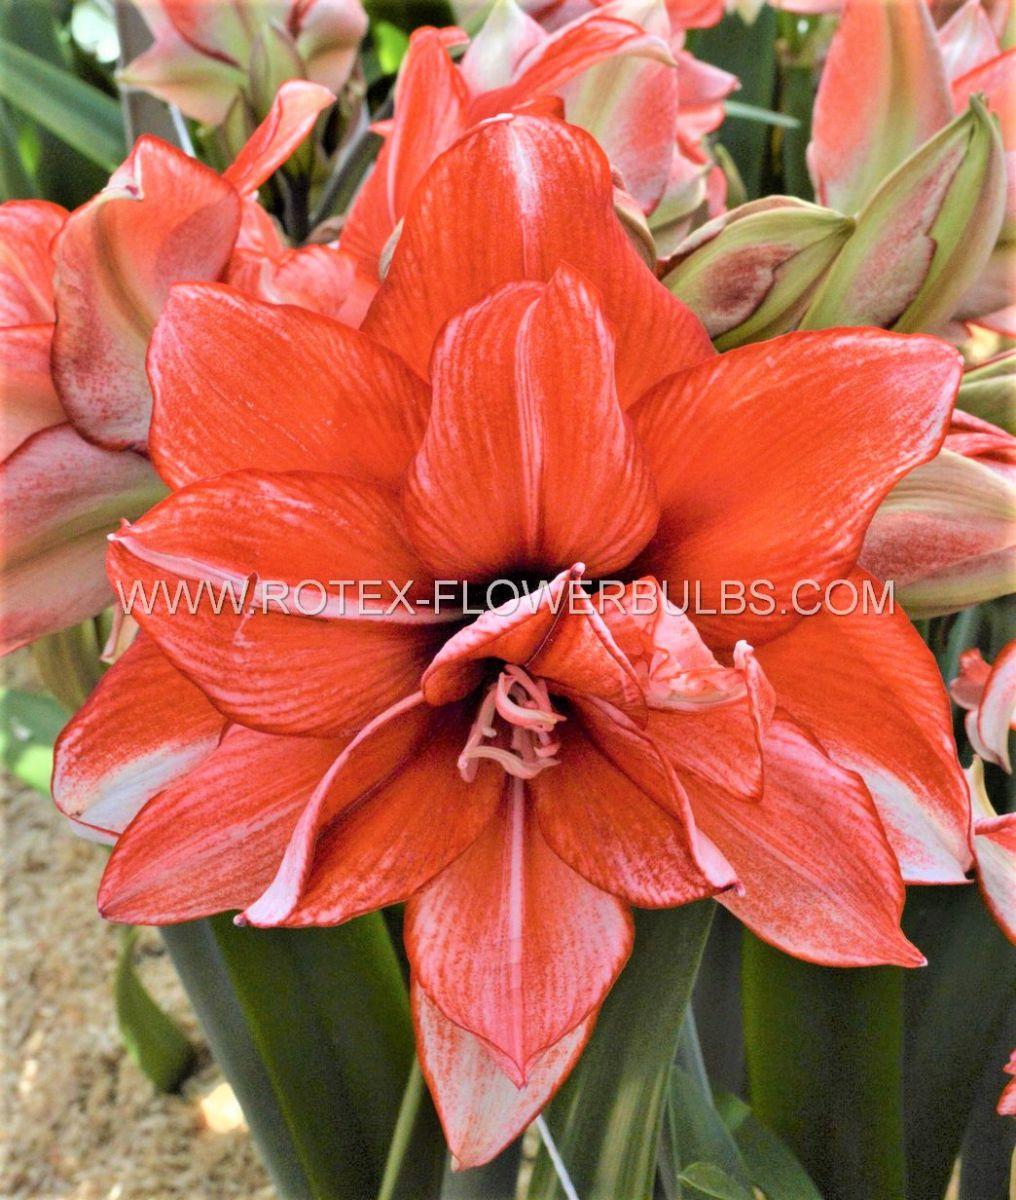 hippeastrum amaryllis unique double flowering flamed amadeus 3436 cm 30 pcarton